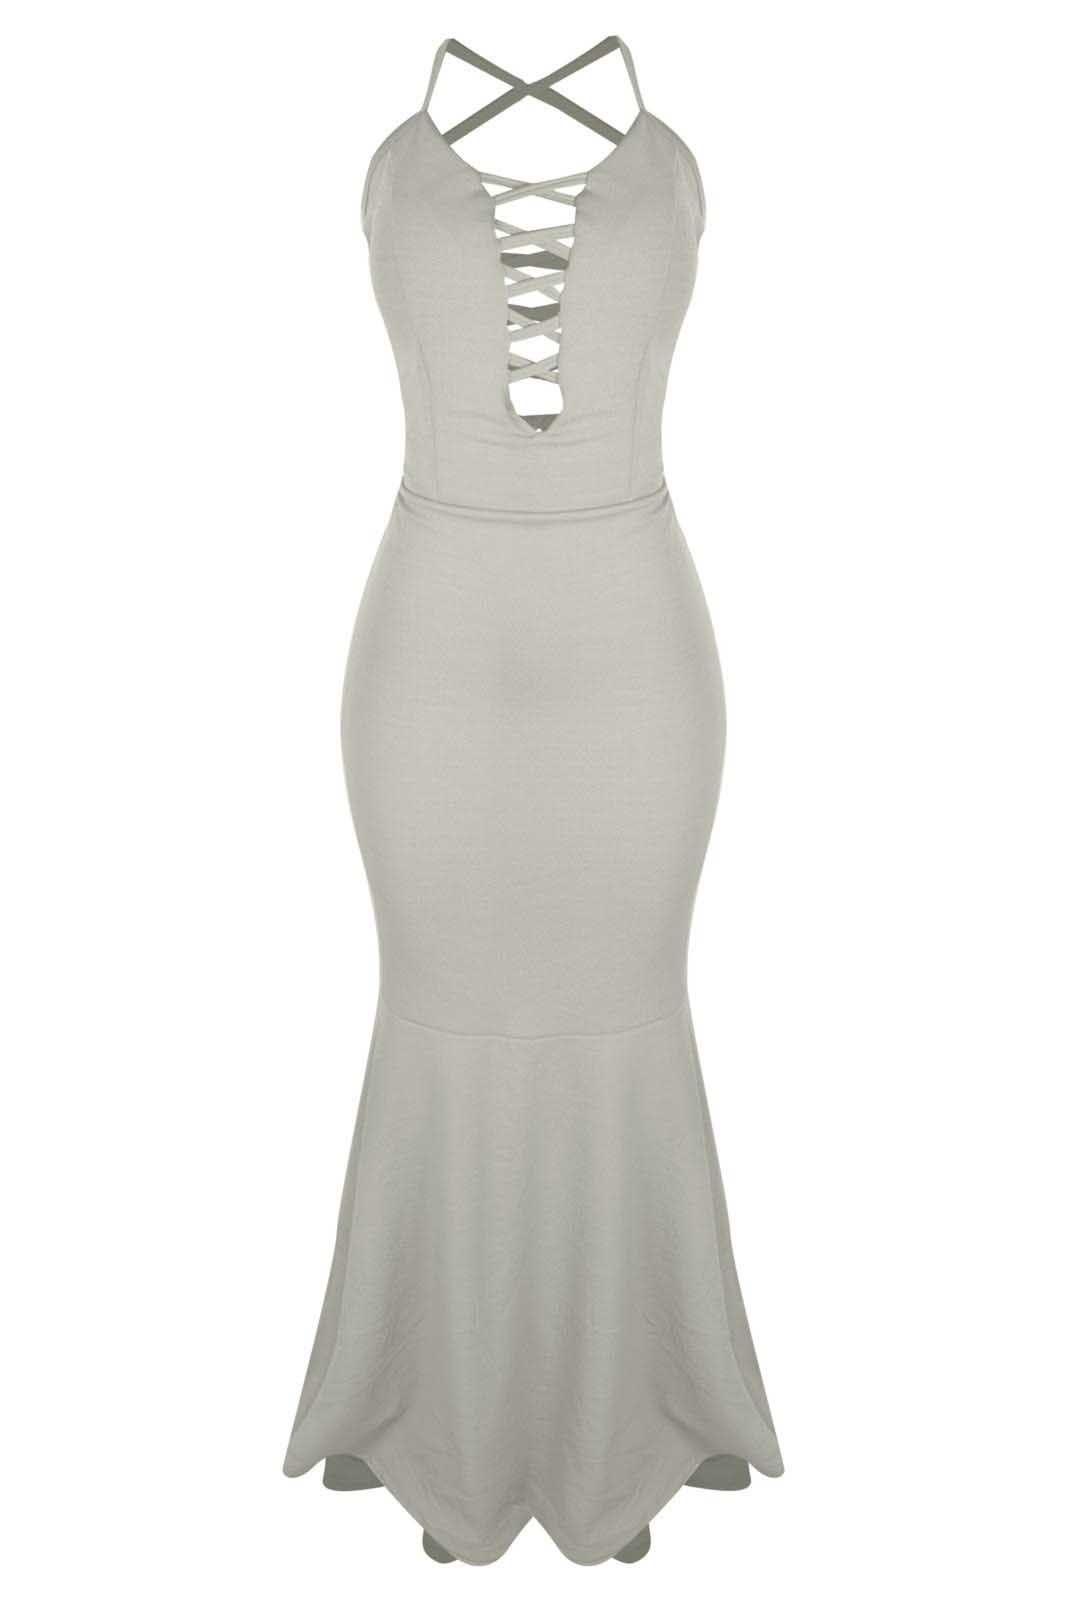 Vestido Outlet Dri Alcinha Casual Tubinho Sereia Decote Tiras Frente Branco